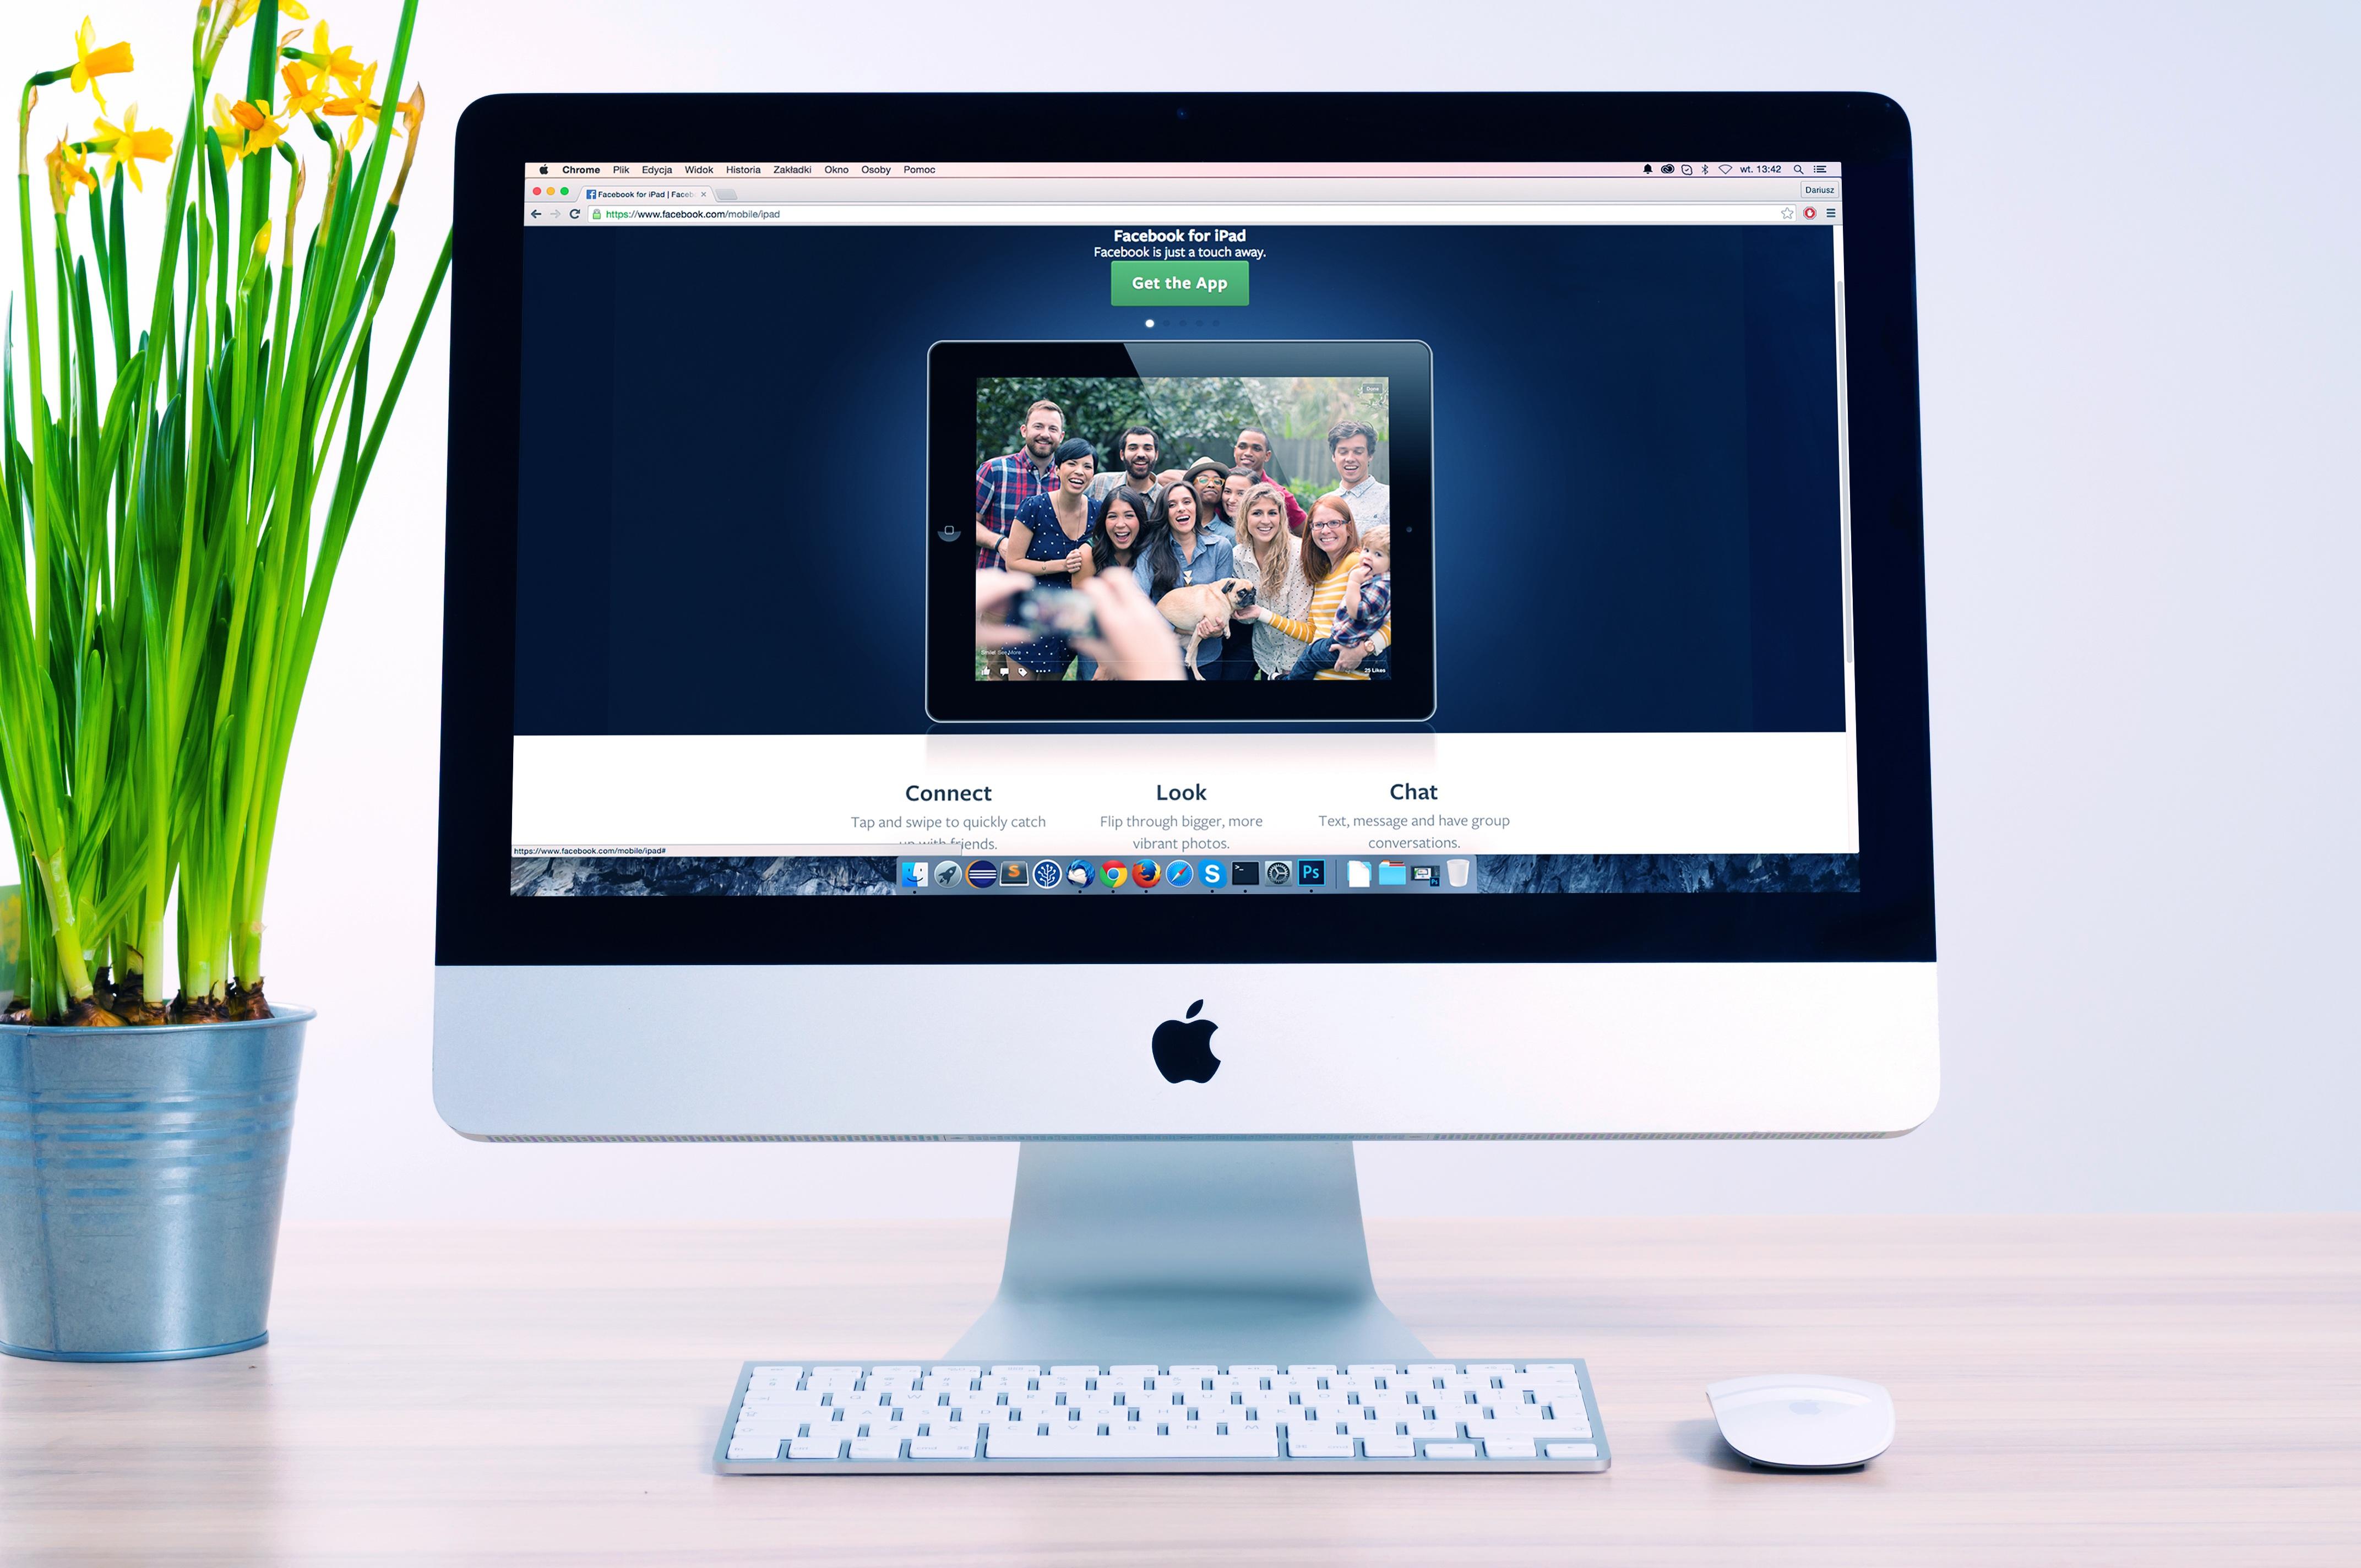 Gratis Billeder Skrivebord Sk Rm Ble Teknologi Reklame  # Television Moderne